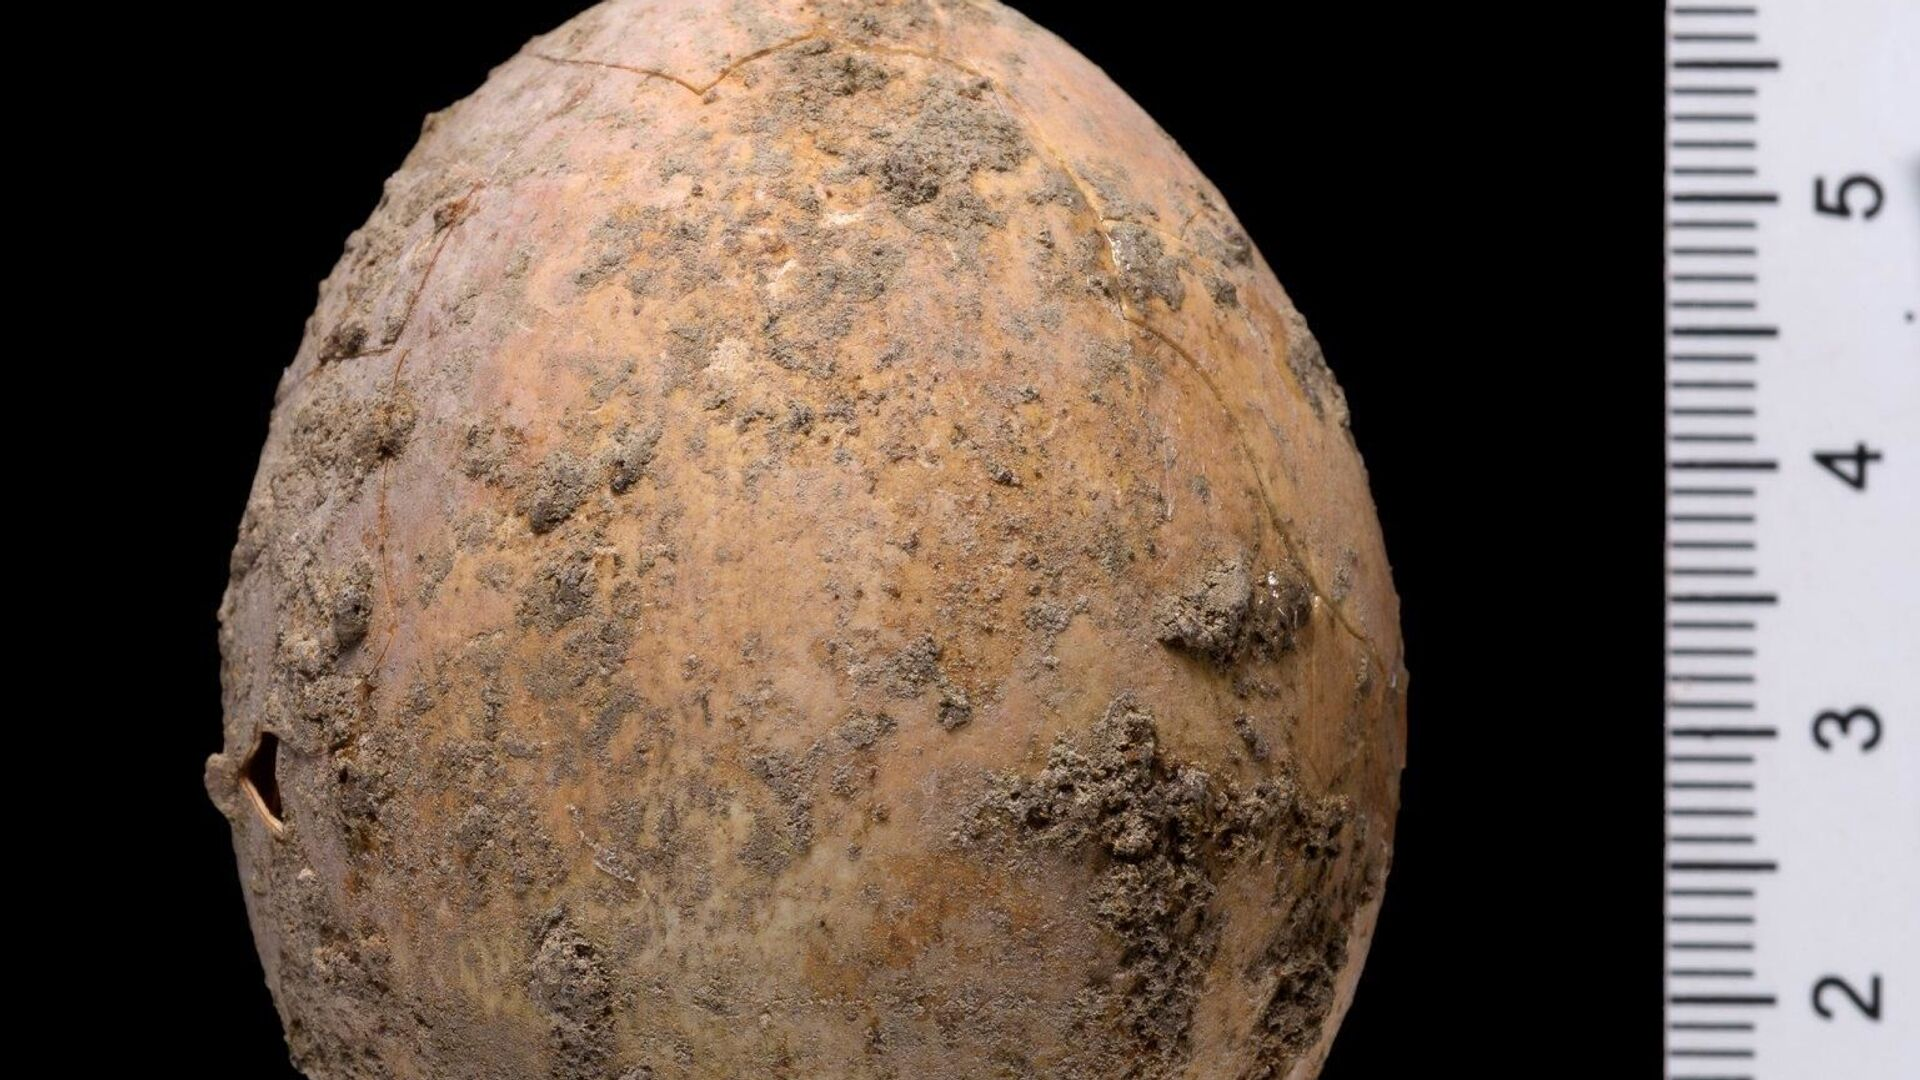 Israele, archeologi trovano un uovo intatto vecchio di 1000 anni e lo rompono per sbaglio - Sputnik Italia, 1920, 09.06.2021